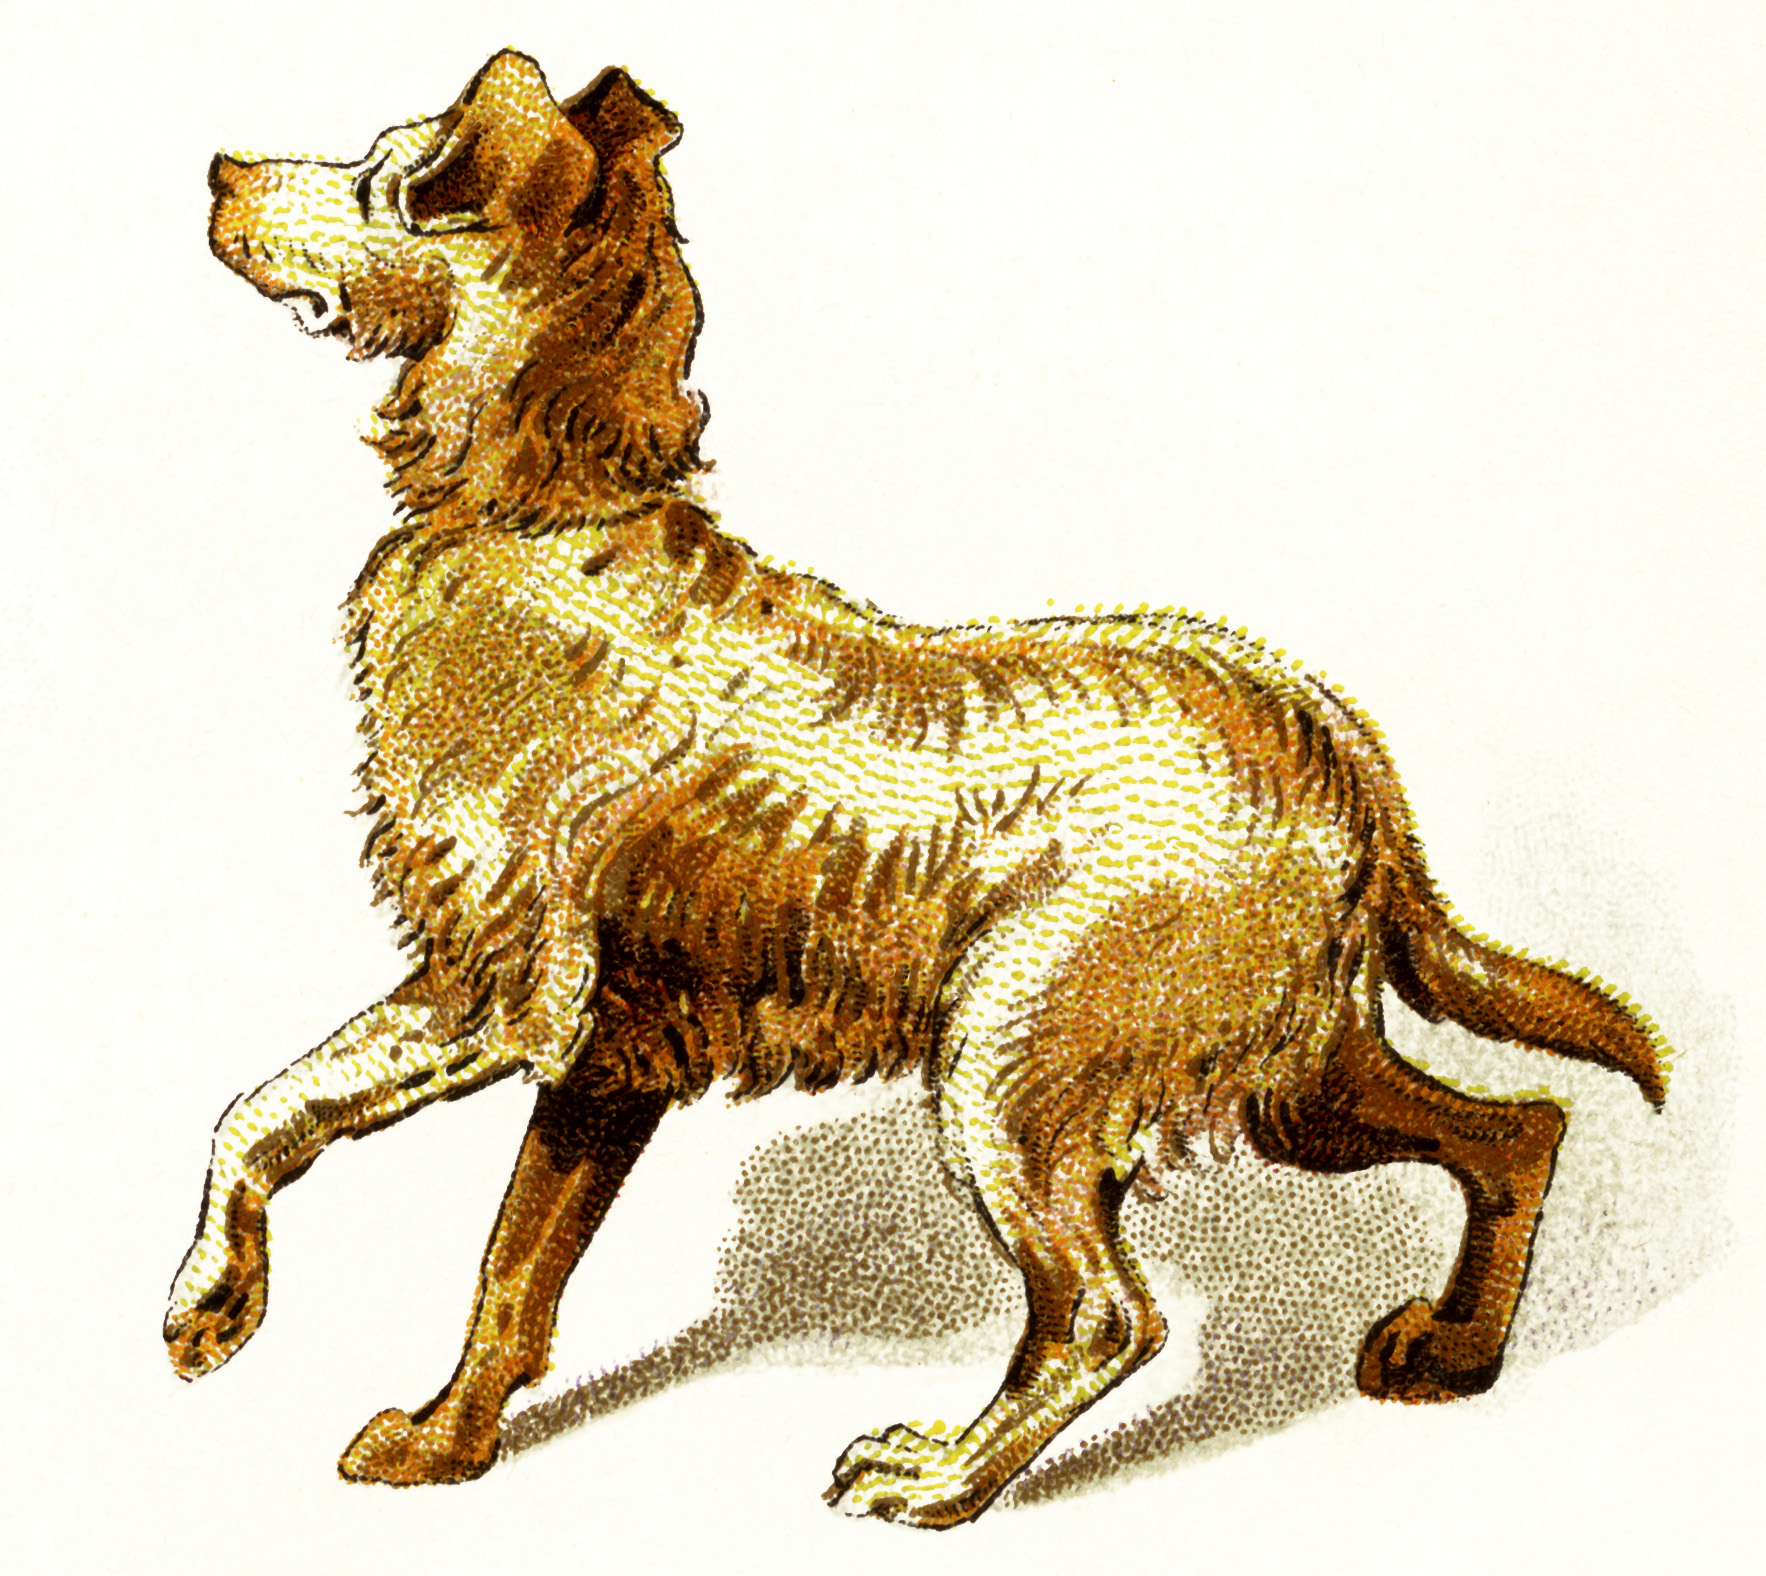 vintage dog clipart, golden brown dog image, brown pup clip art, dog walking illustration, printable puppy digital graphic